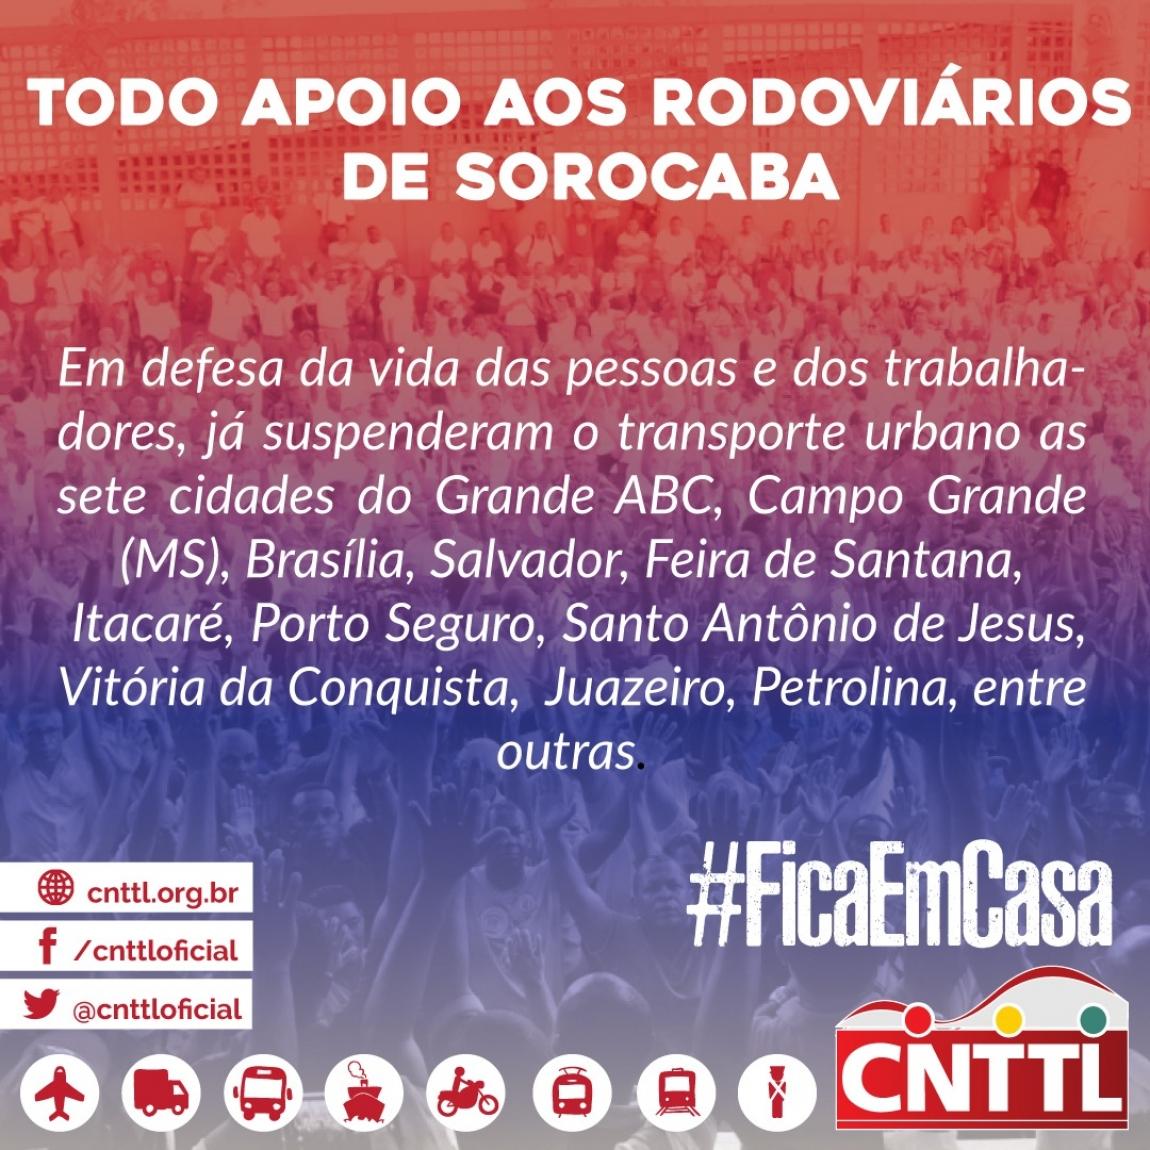 Imagem de CNTTL apoia Rodoviários de Sorocaba e reforça campanha #FiqueEmCasa